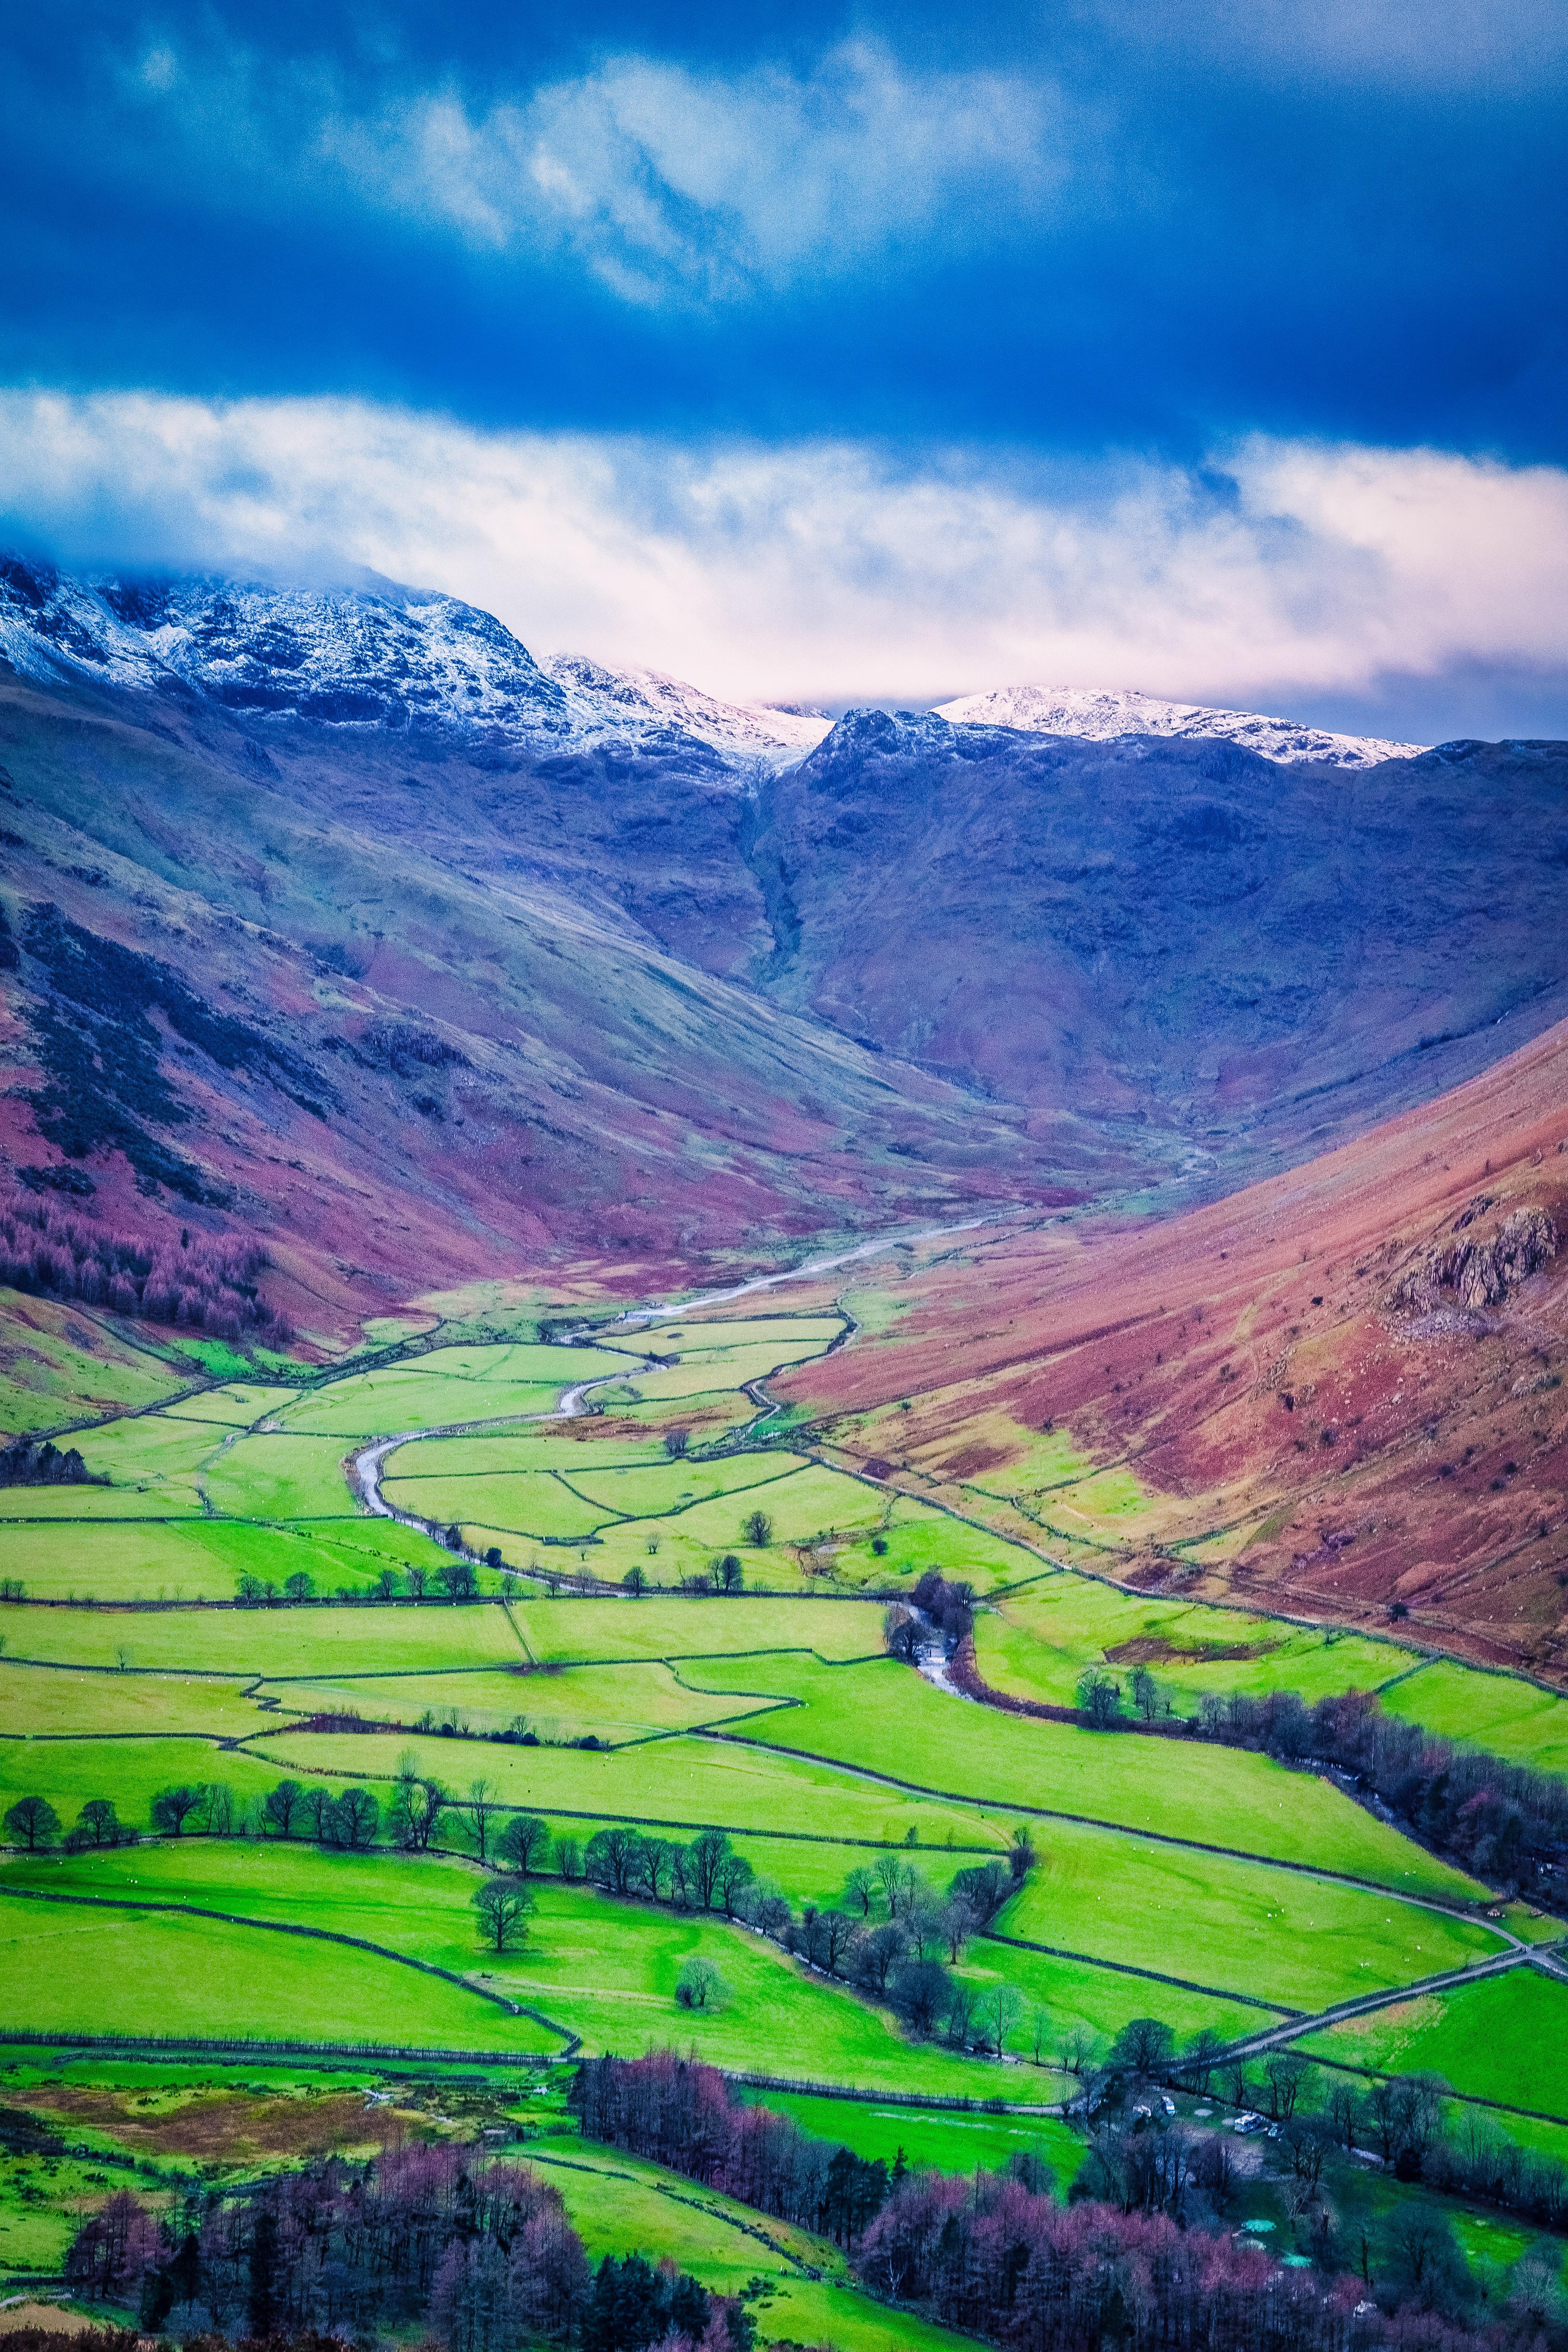 152649 Hintergrundbild herunterladen Landschaft, Natur, Felder, Mountains, Blick Von Oben, Senke, Tal - Bildschirmschoner und Bilder kostenlos